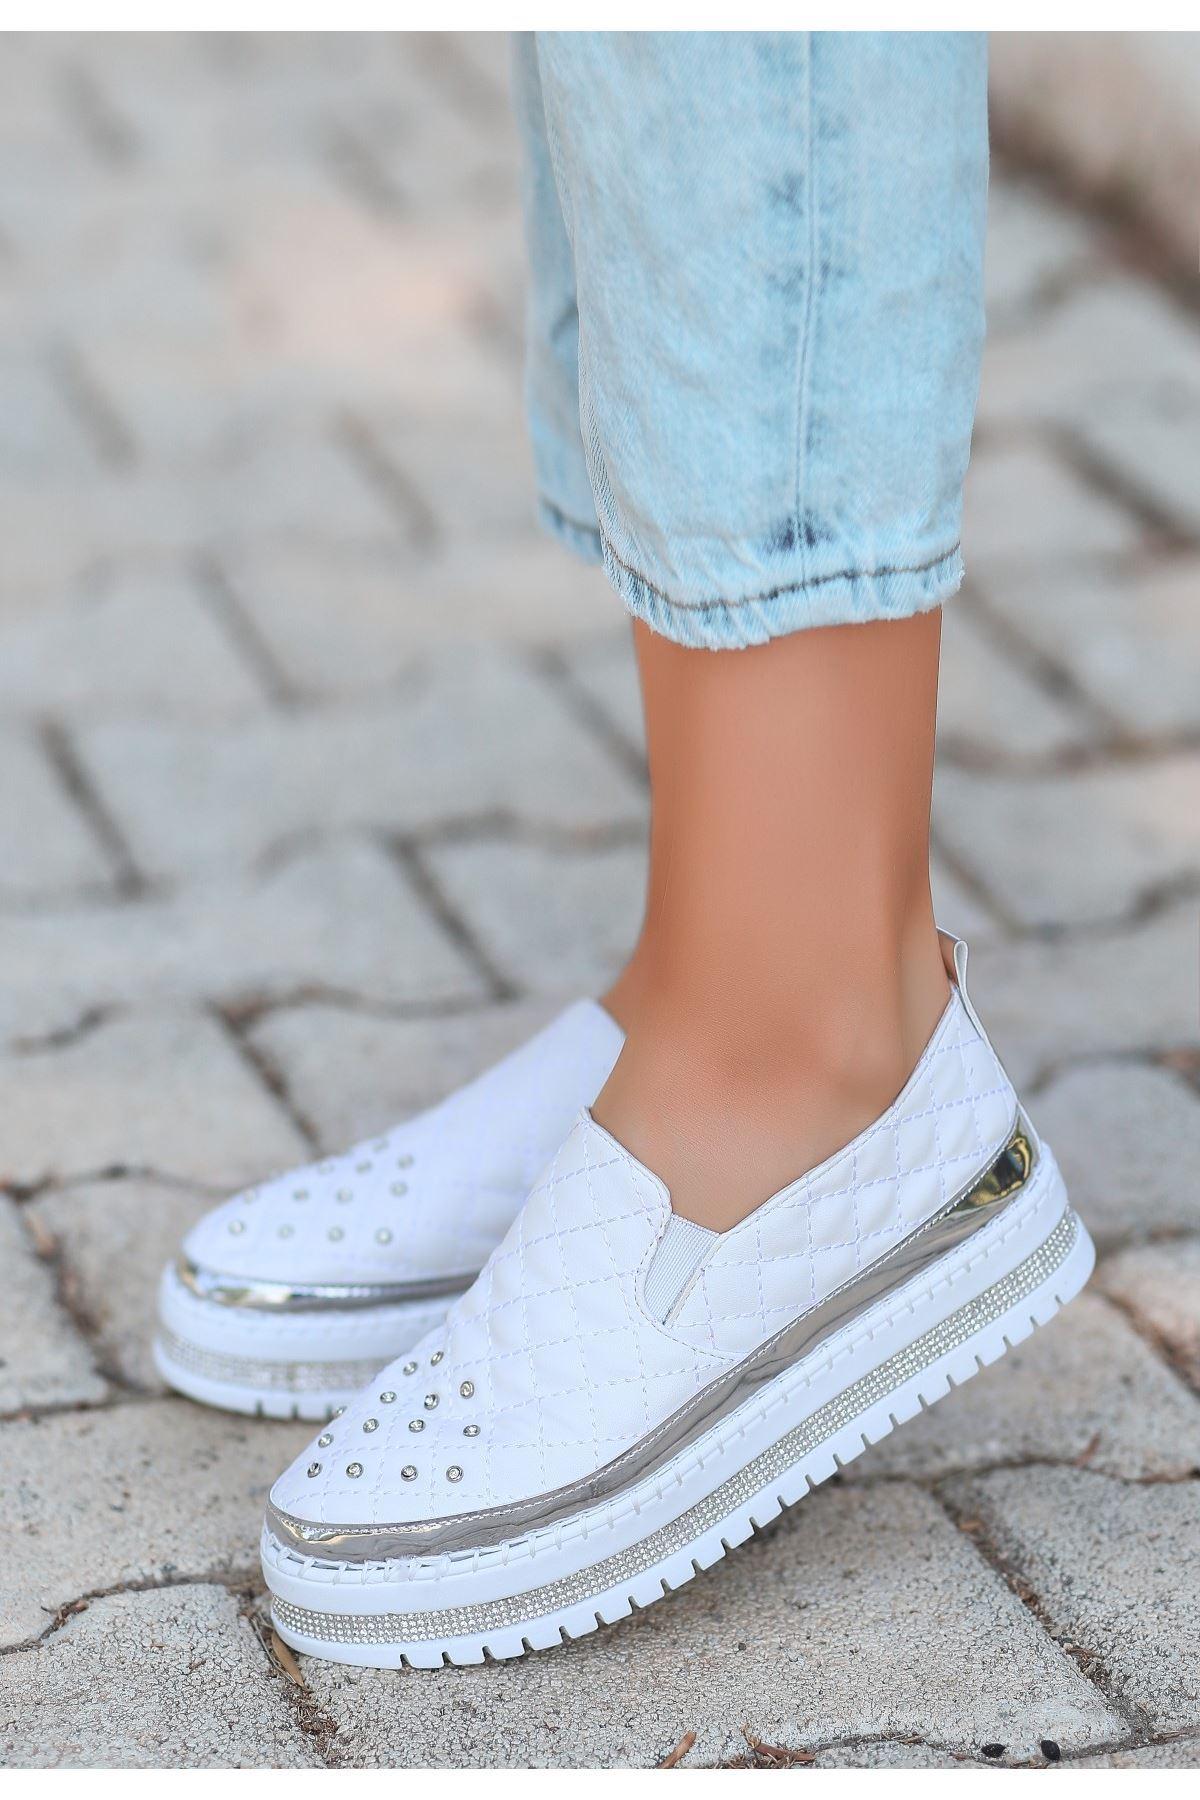 Lais Beyaz Cilt Taşlı Spor Ayakkabı